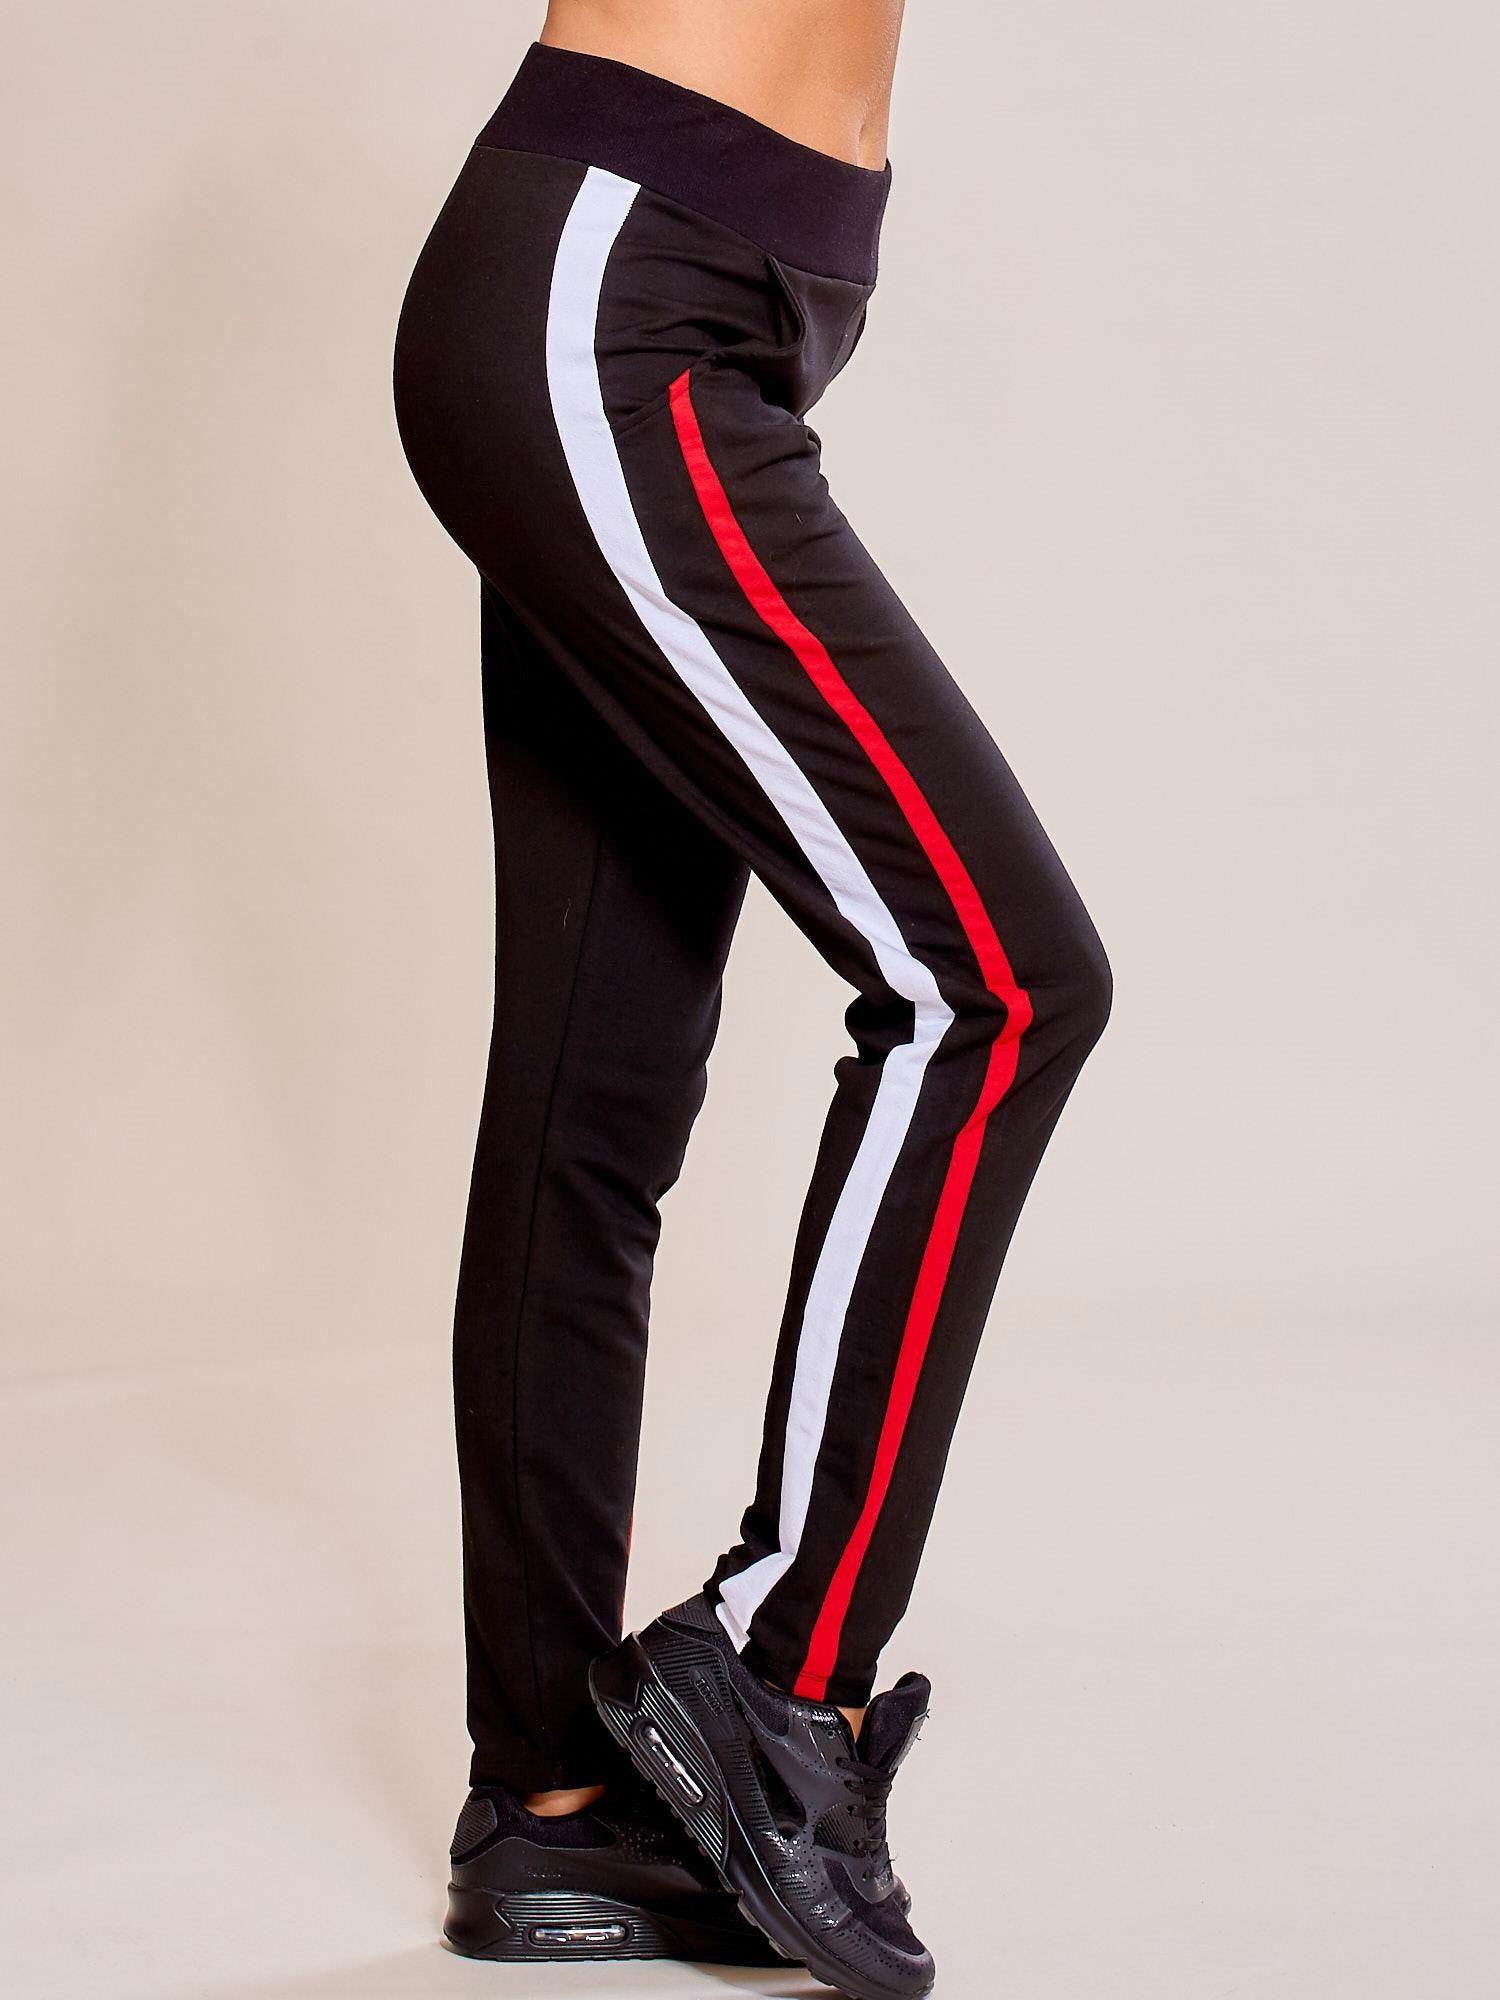 87c7e73adc9a18 Czarne spodnie dresowe damskie z podwójnymi lampasami - Spodnie ...